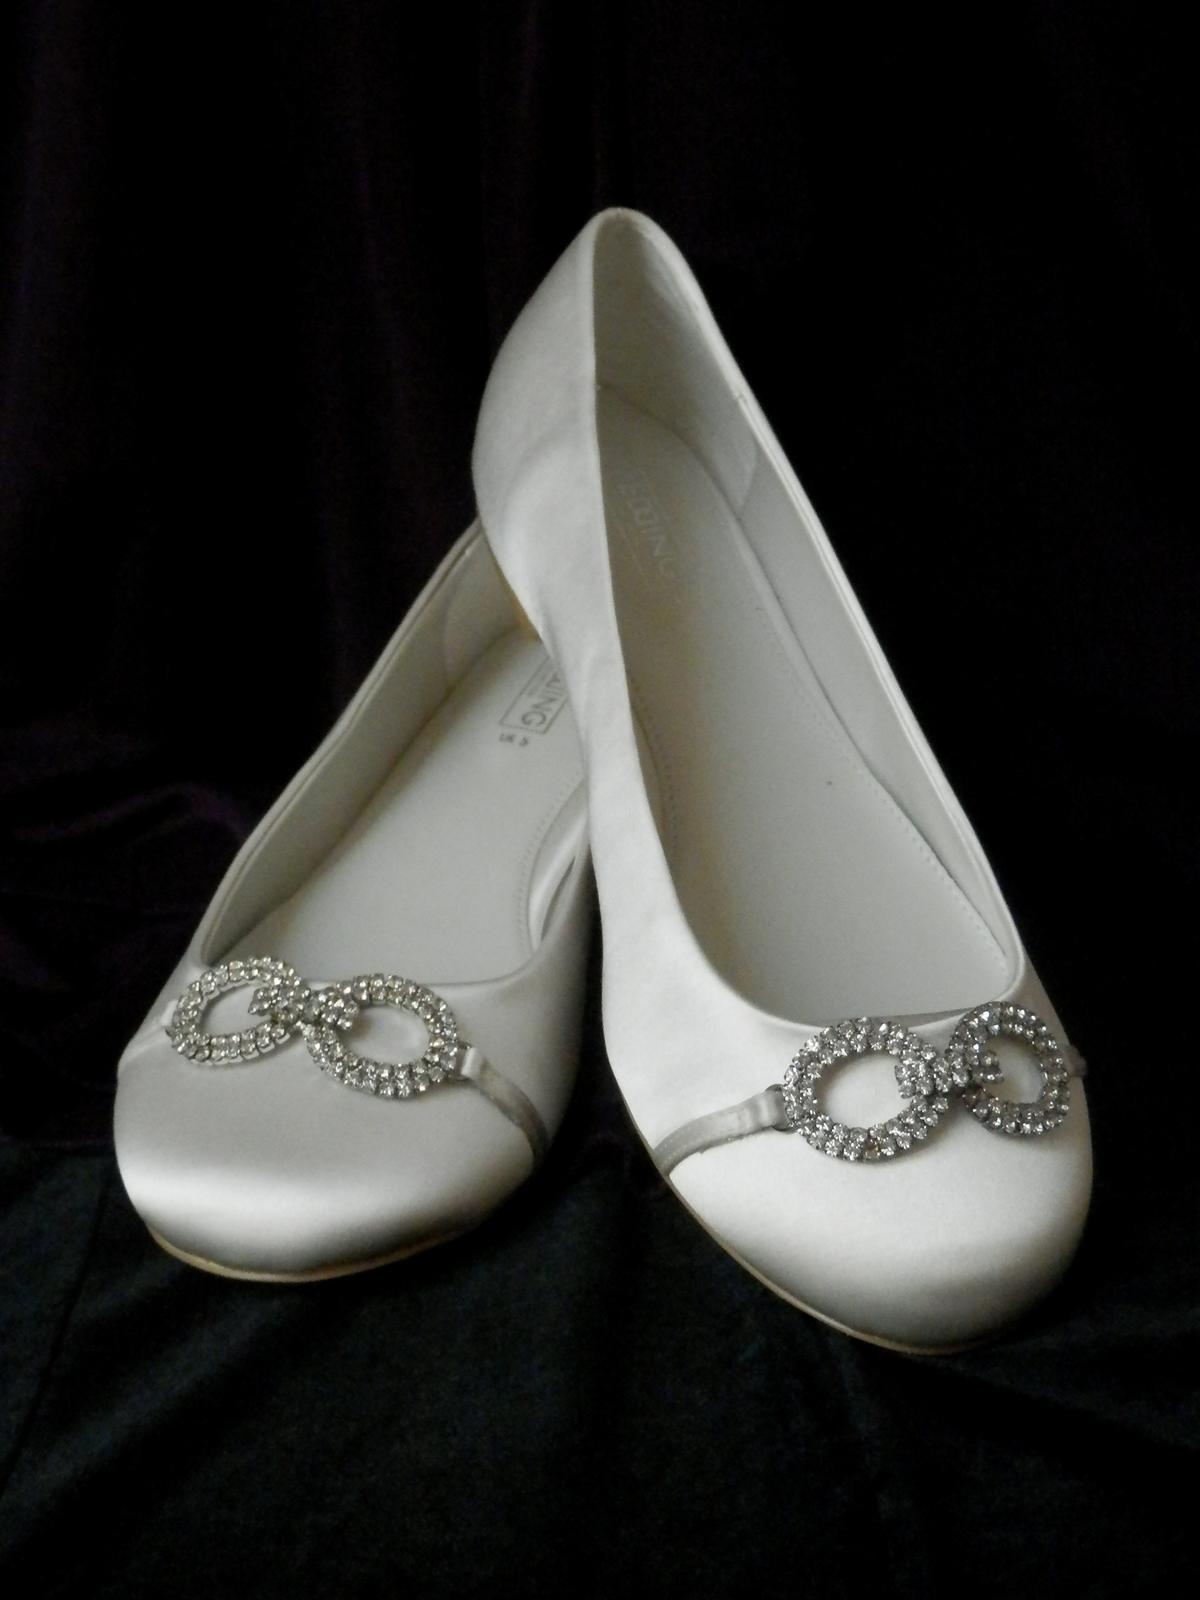 Svatební baleríny zdobeny broží - Obrázek č. 1